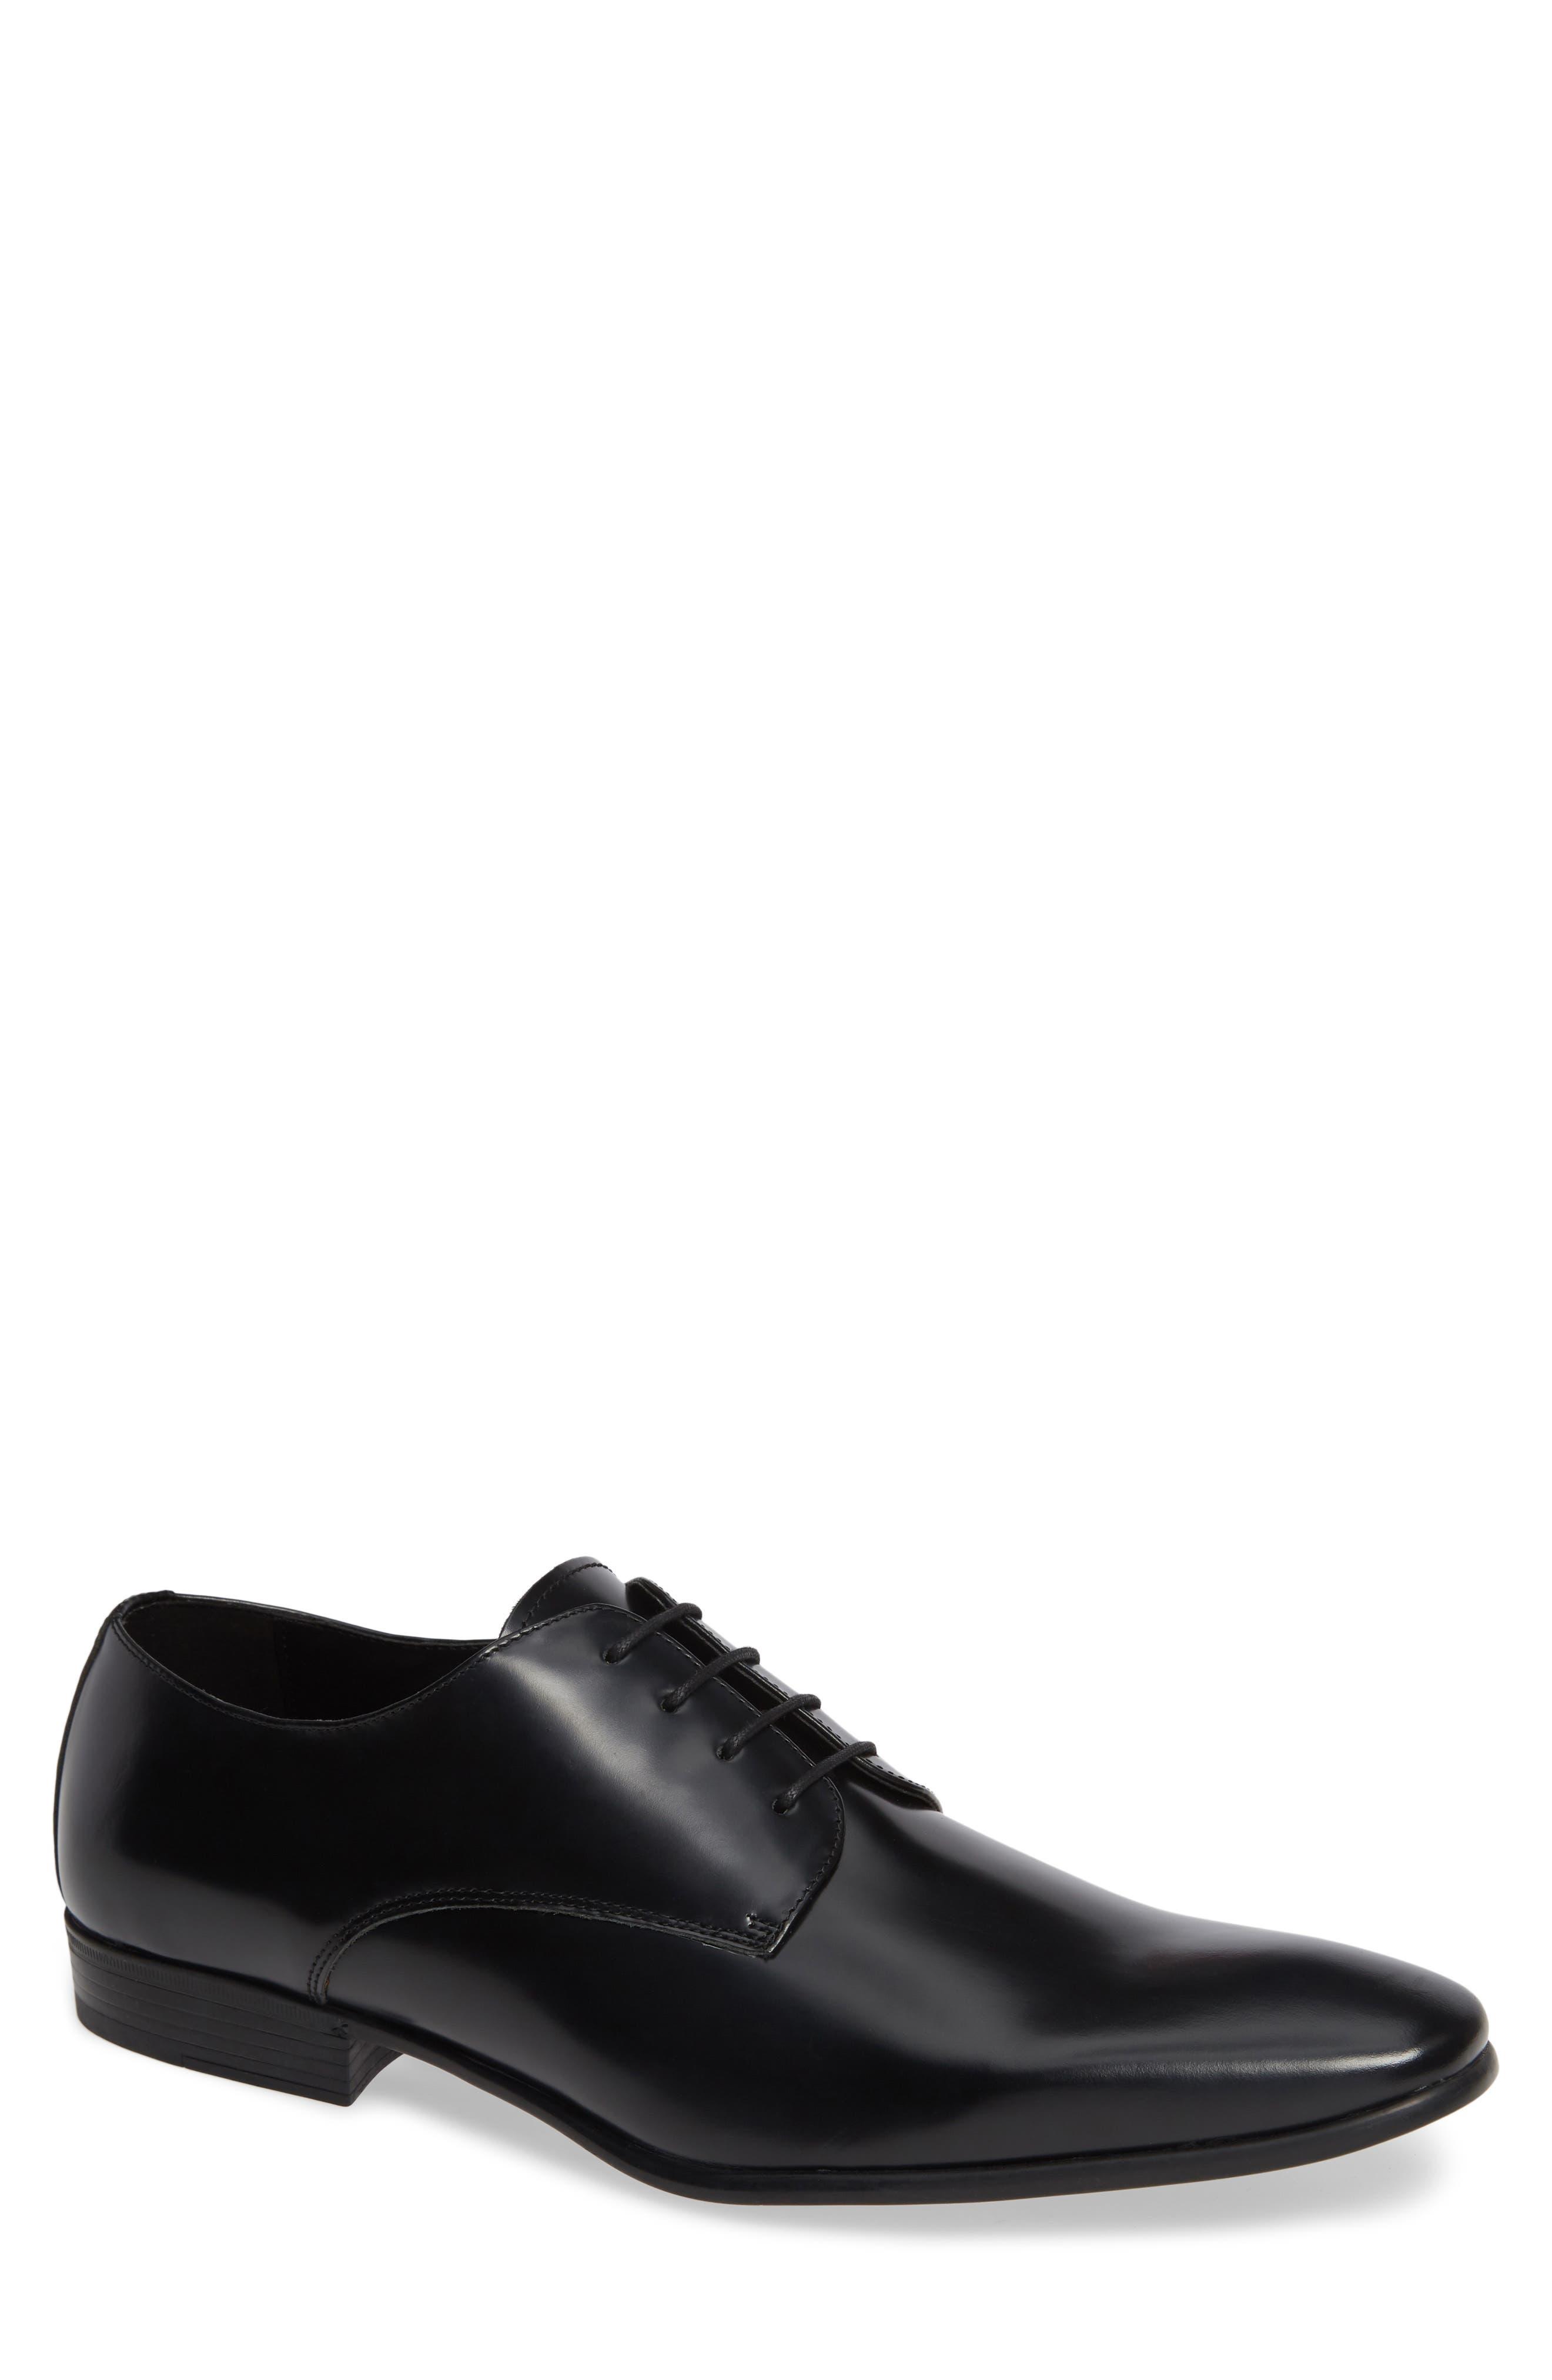 Caden Plain Toe Derby, Main, color, BLACK LEATHER